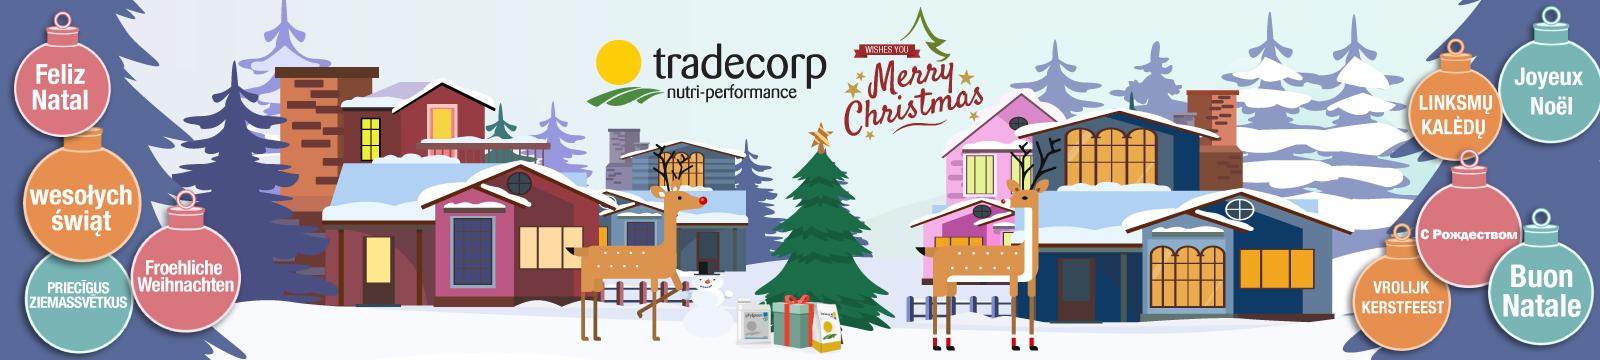 Tradecorp Vous souhaite un Joyeux Noël 2018 !